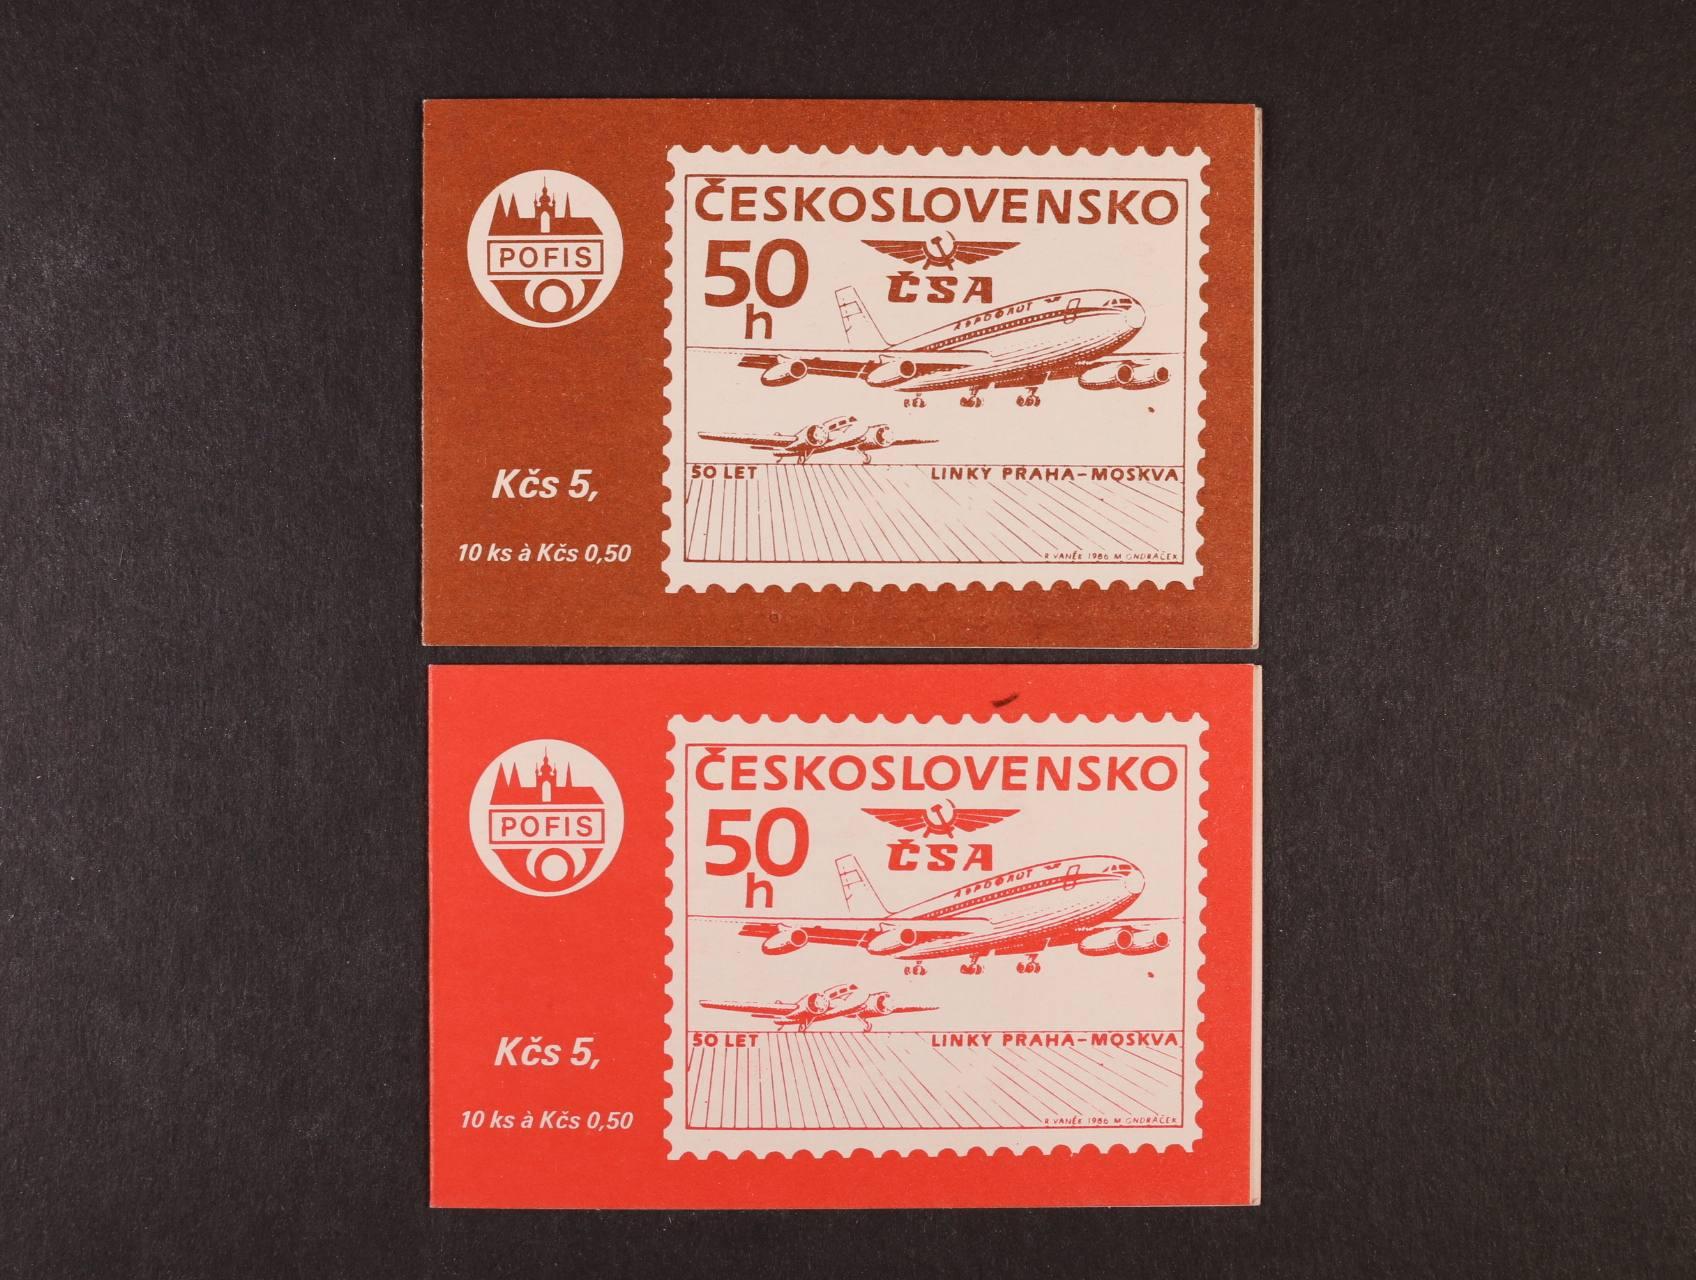 ZS (známkový sešitek) 53a hnědý + ZS 53b červený